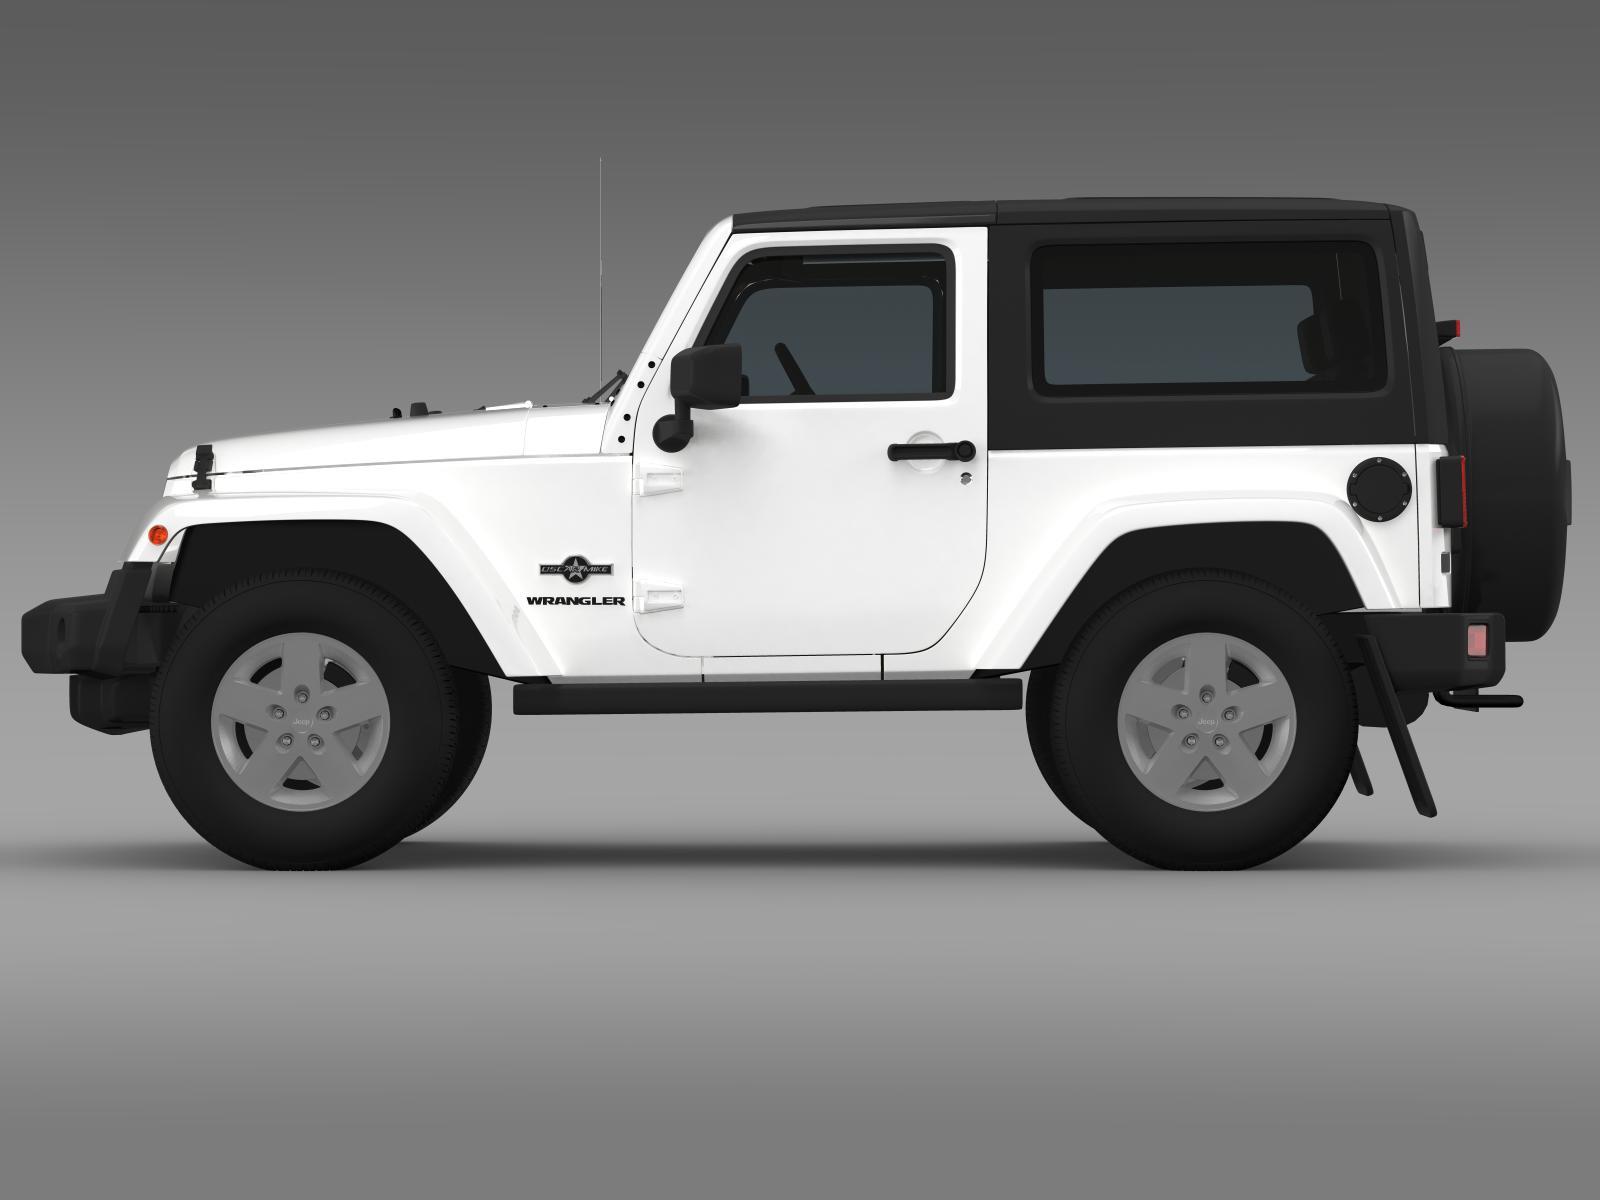 jeep wrangler freedom 2014 3d model 3ds max fbx c4d lwo ma mb hrc xsi obj 162462